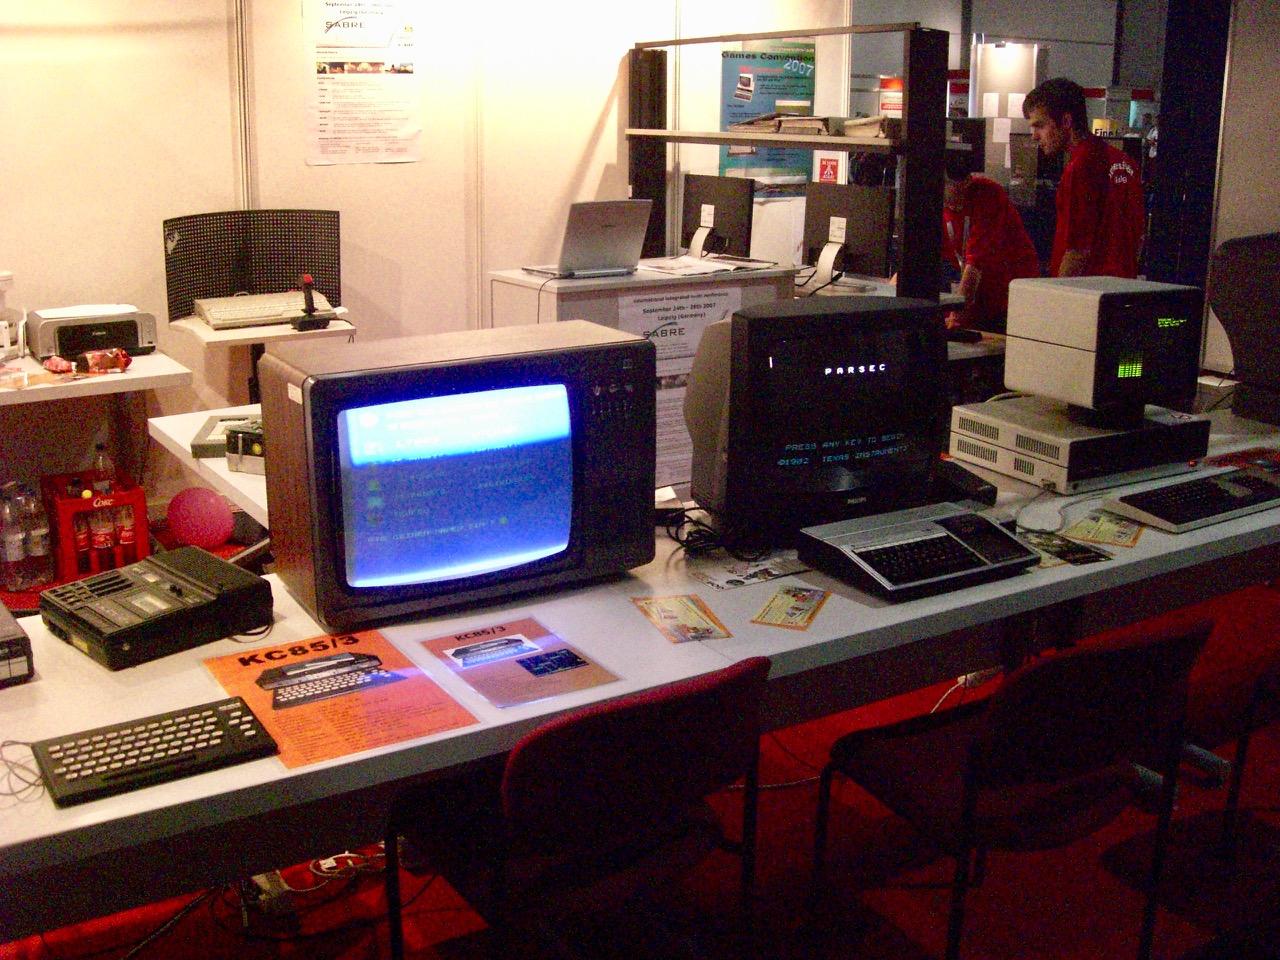 Heimcomputer in der Sonderausstellung. Unter anderen gab es hier auch DDR-Computer wie den KC85/3 zu sehen. (Bild: André Eymann)